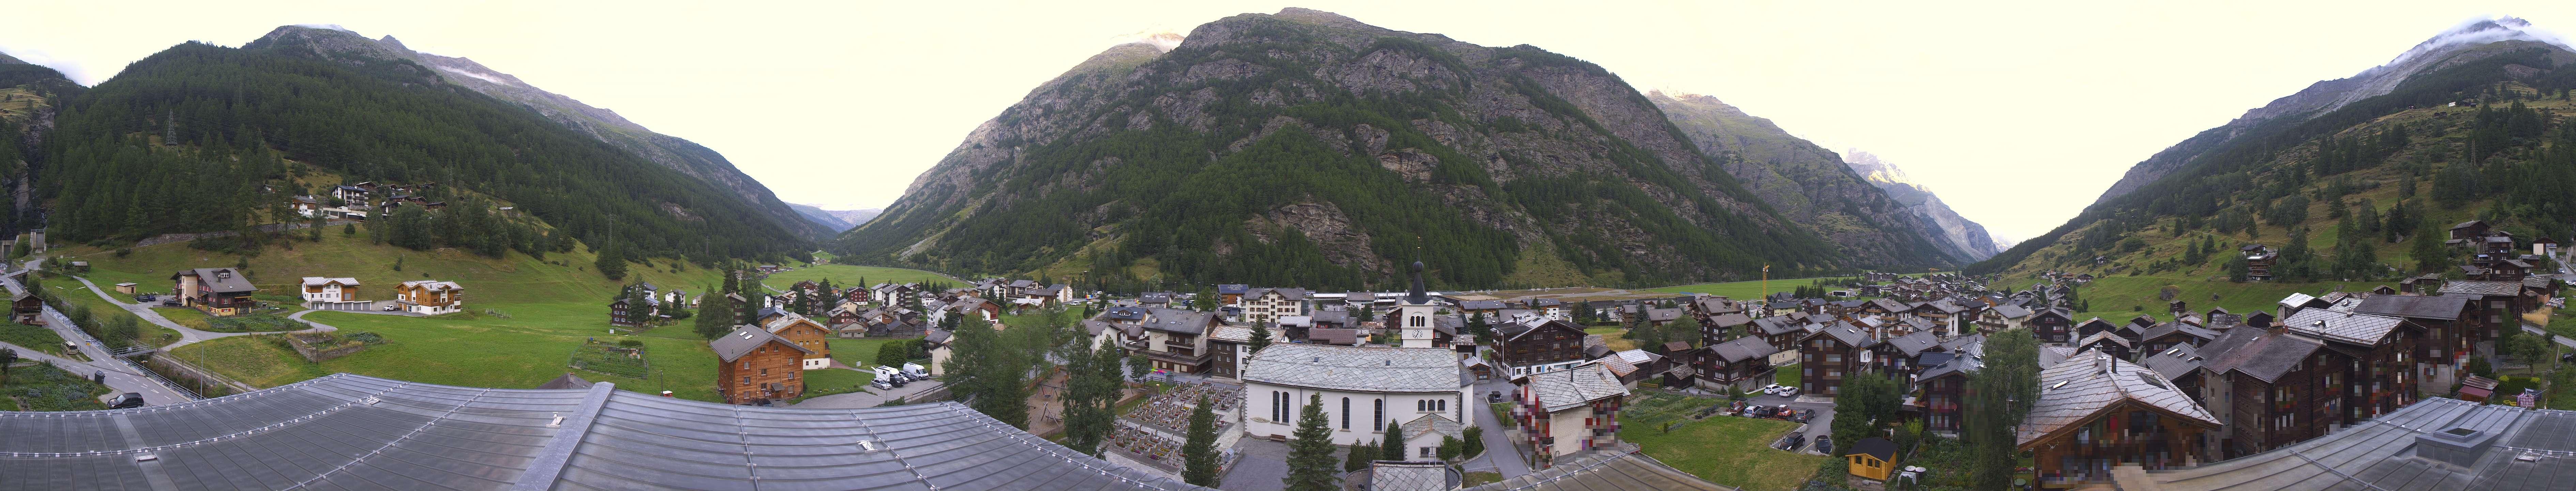 Livecam Täsch